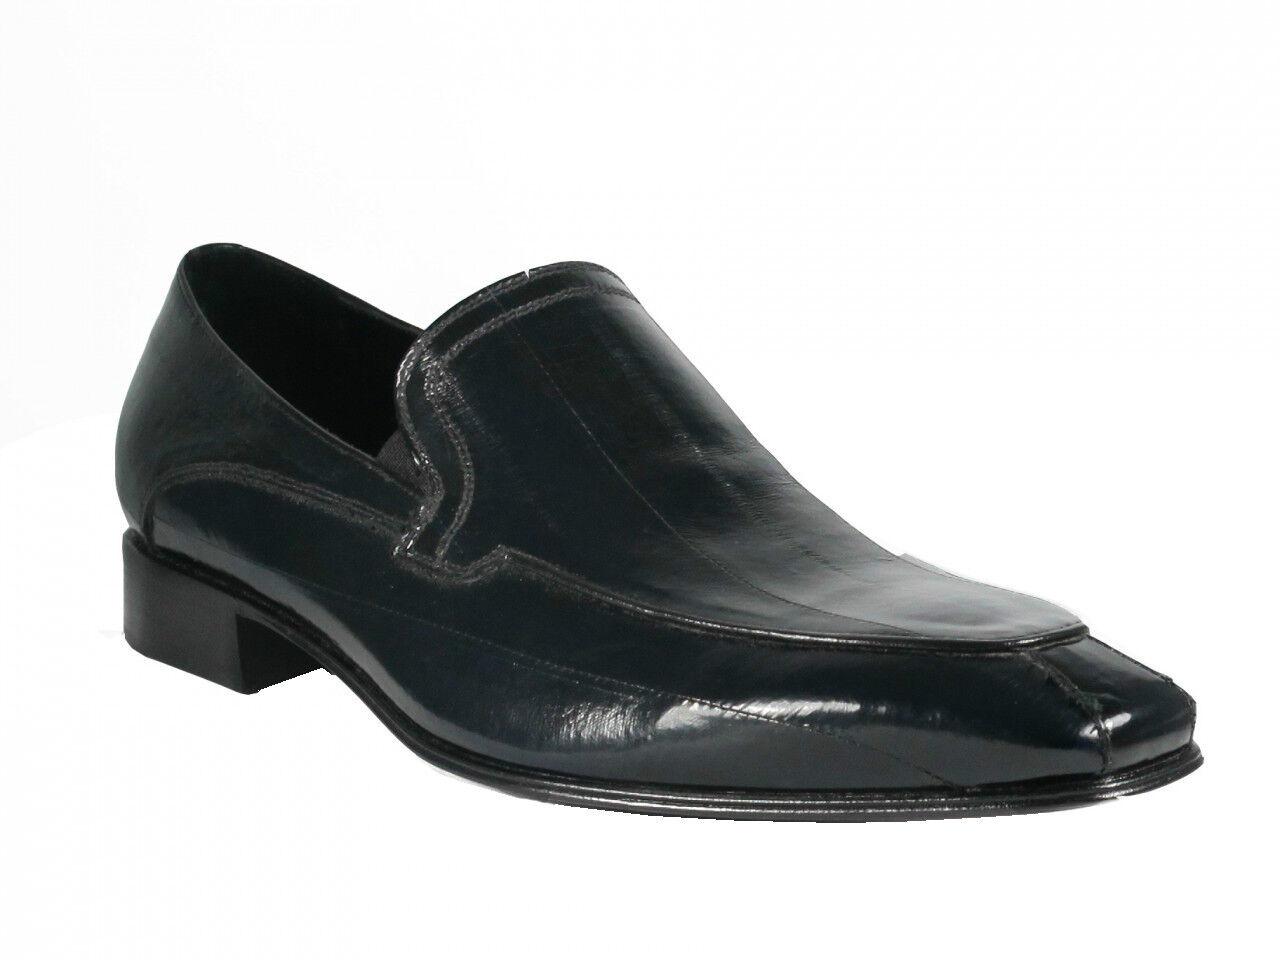 marche online vendita a basso costo Lancio Uomo Eel Skin Slip-on Italian scarpe 6692 nero blu blu blu  prezzo ragionevole